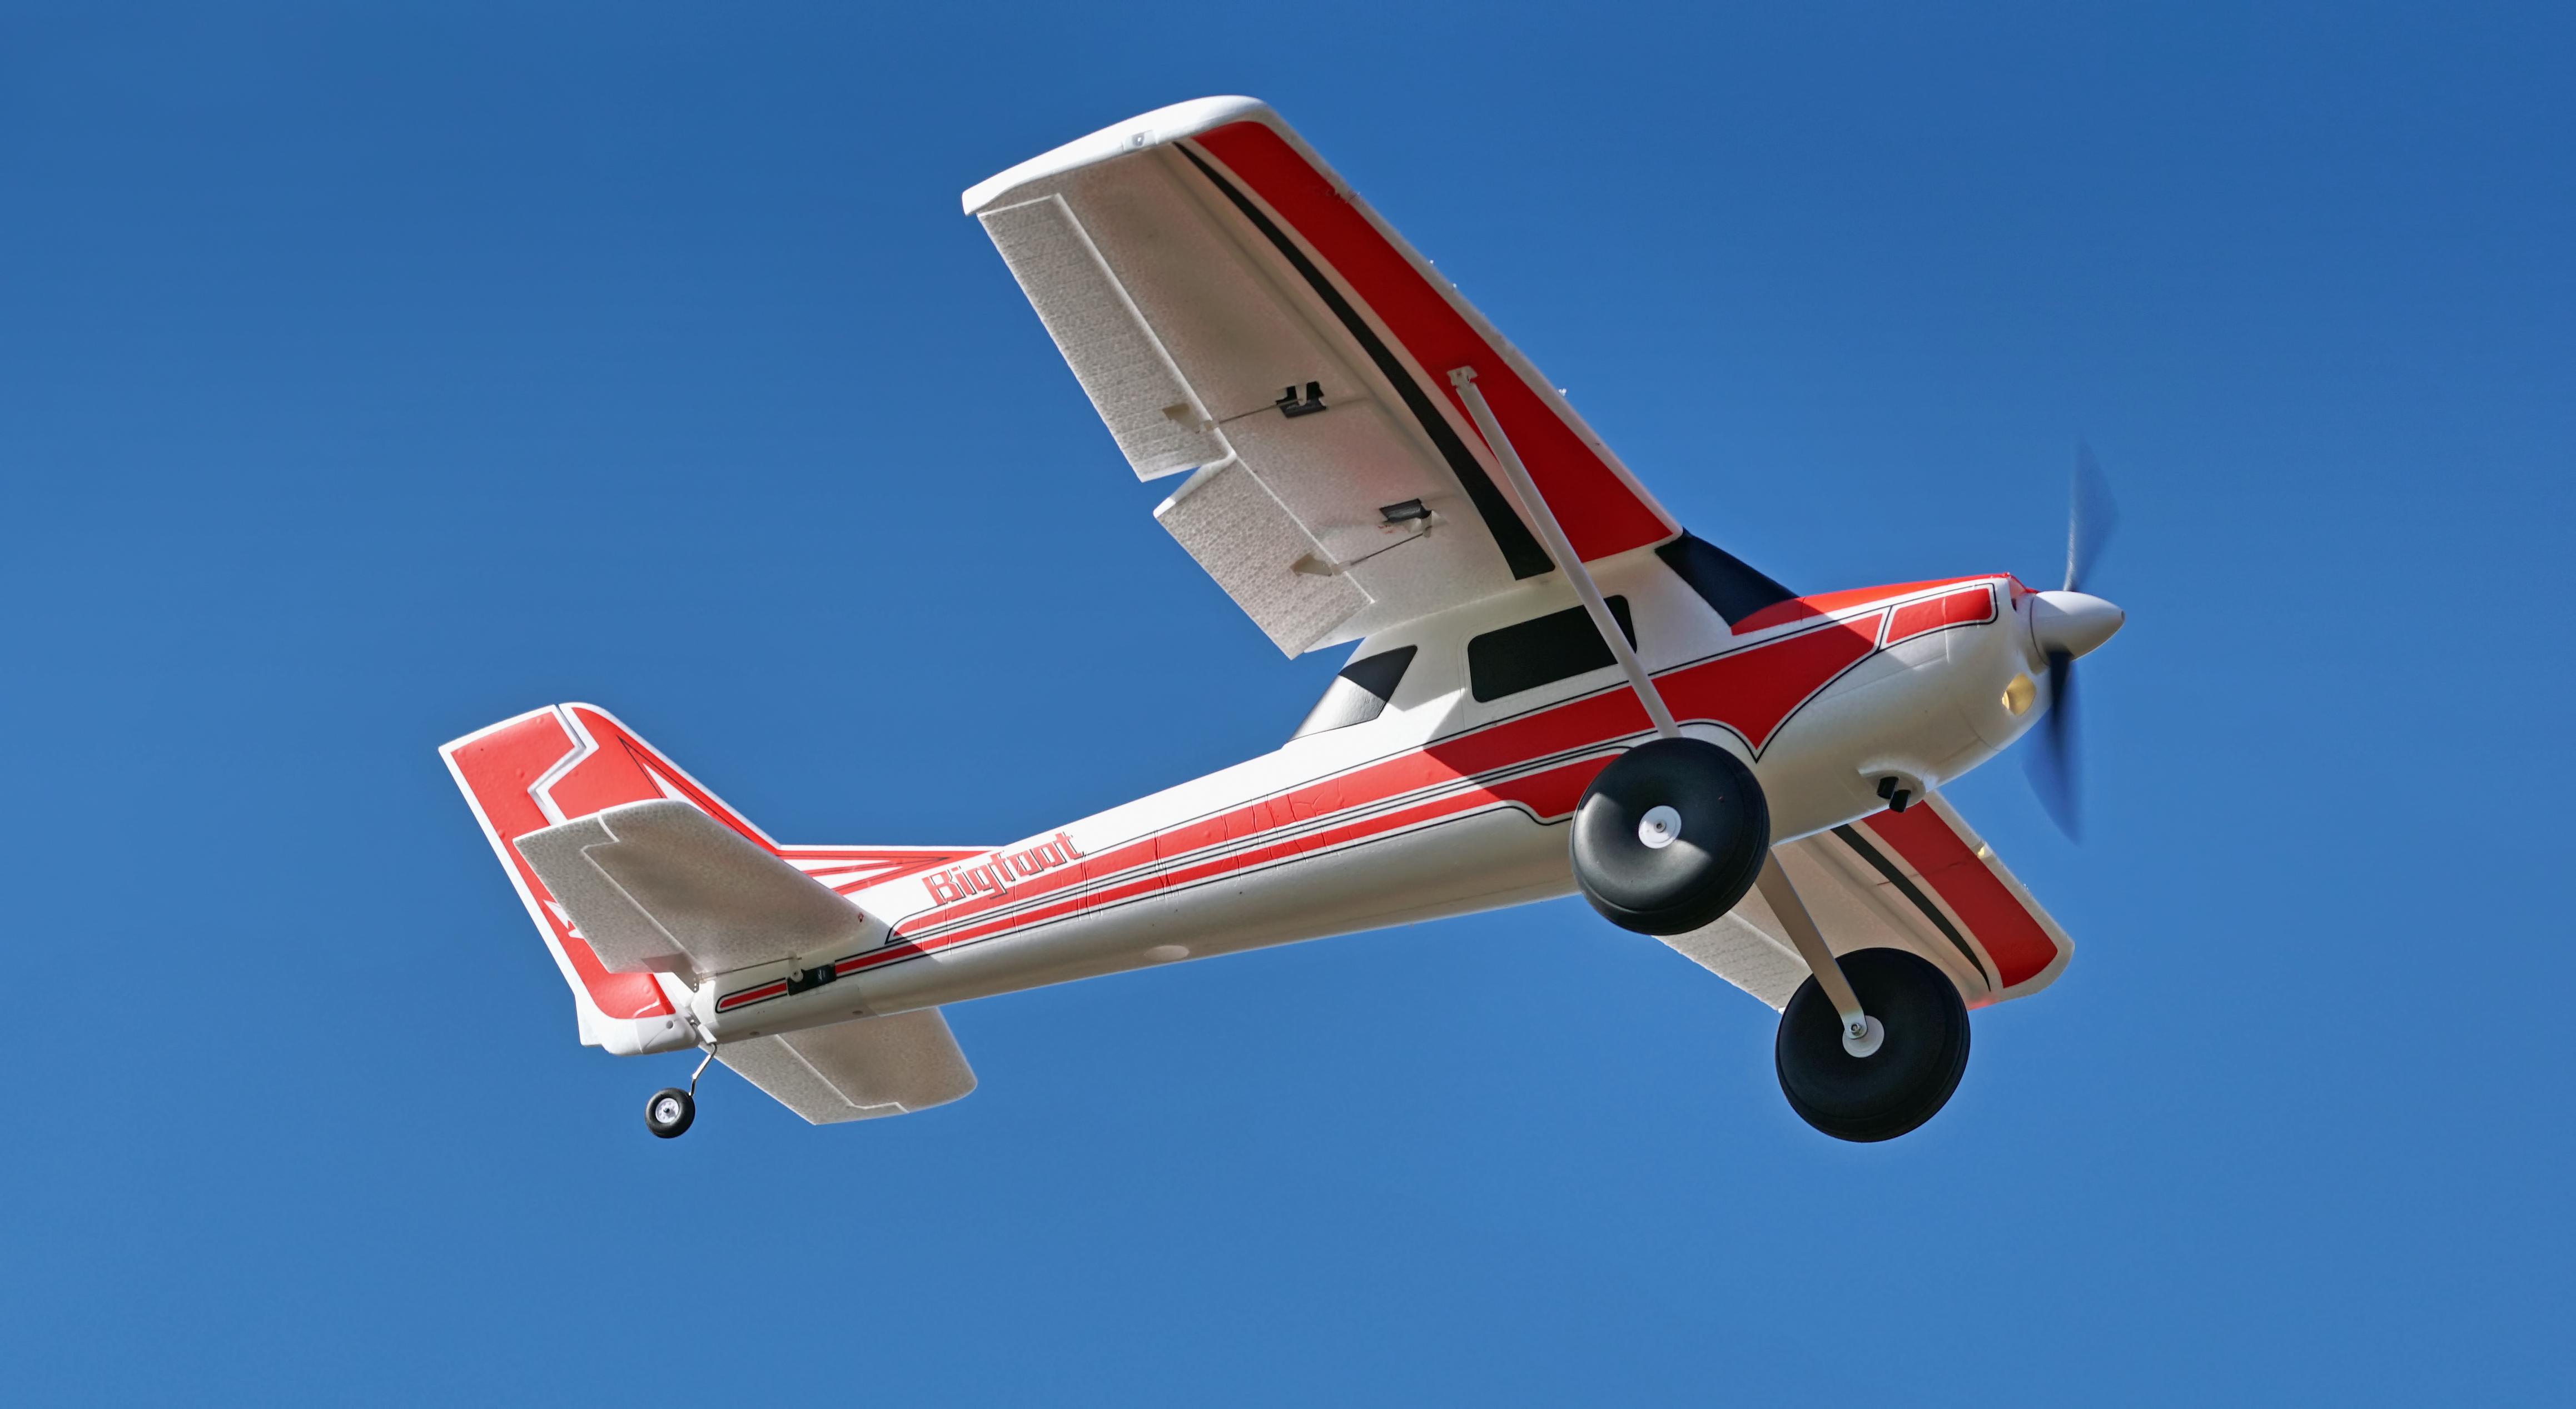 Hobbyzone Hobby Zone Champ RTF Ready To Fly Beginner Micro RC Airplane HBZ4900